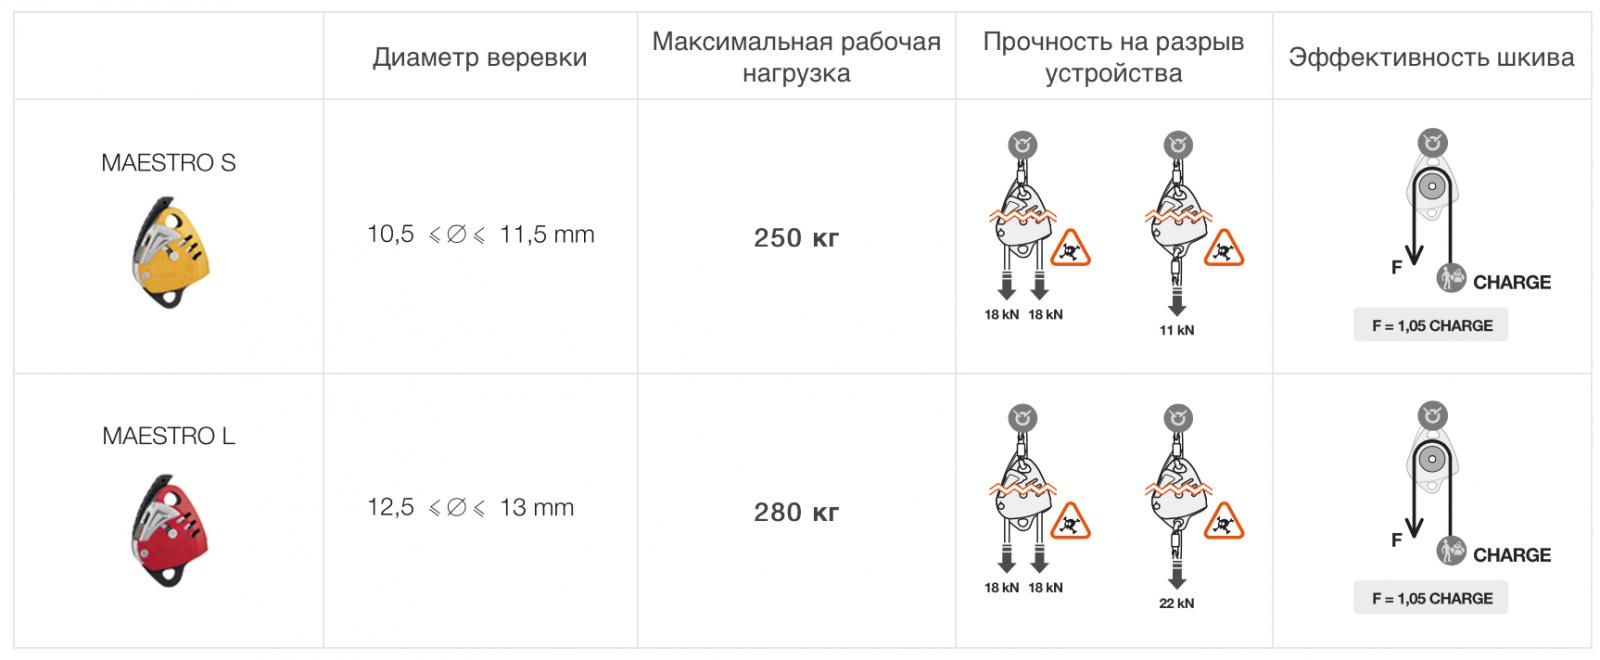 Характеристики спускового устройства Petzl MAESTRO